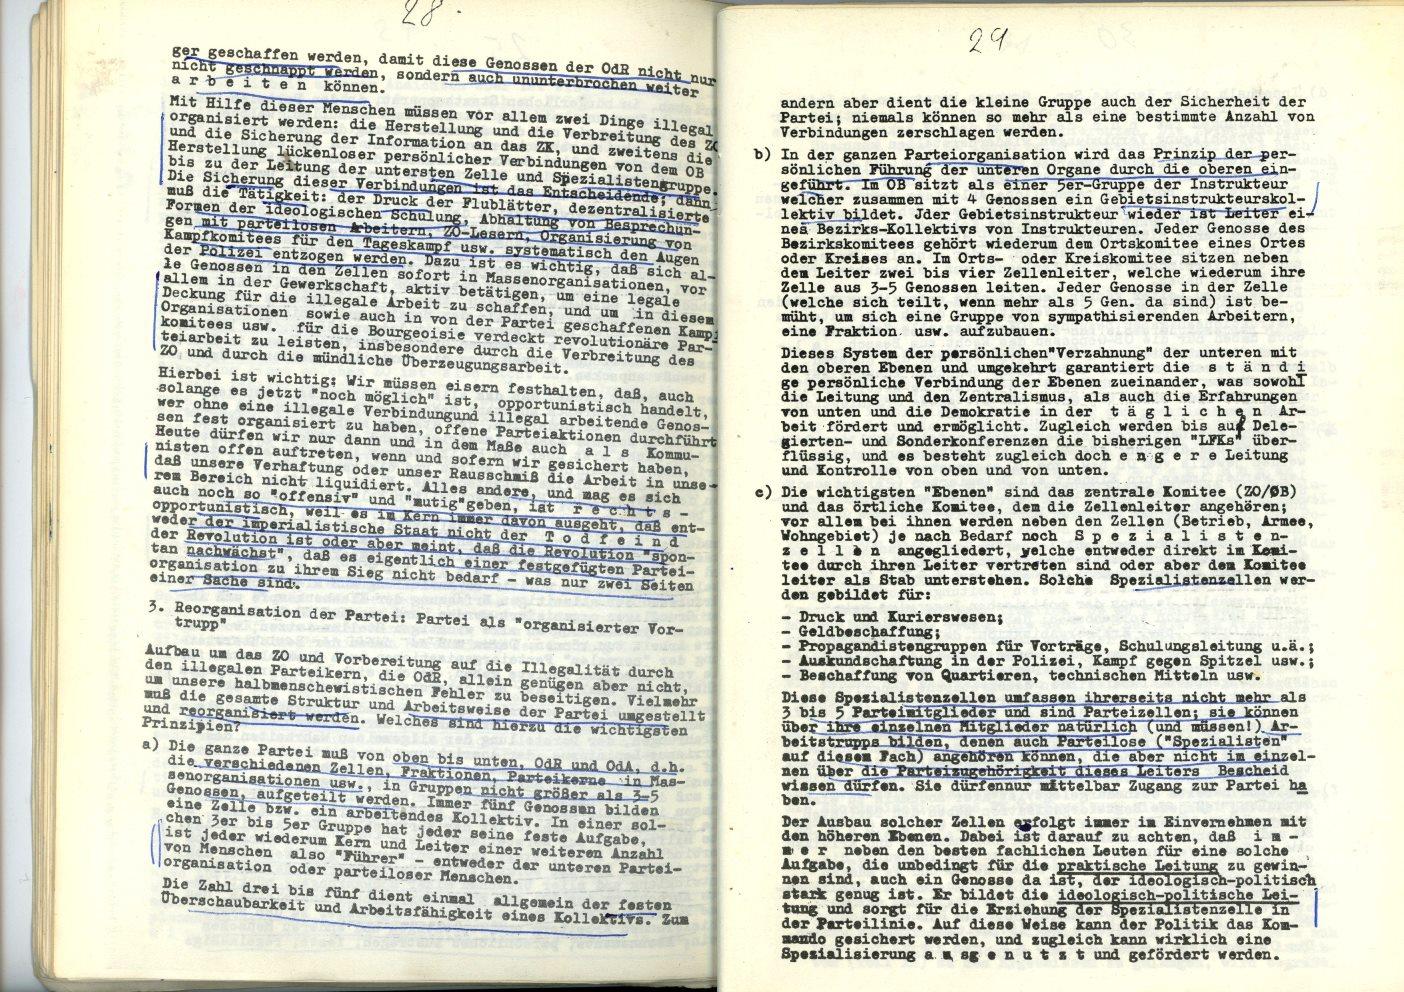 ZB_1972_Diskussionsorgan_zur_ersten_Parteikonferenz_17